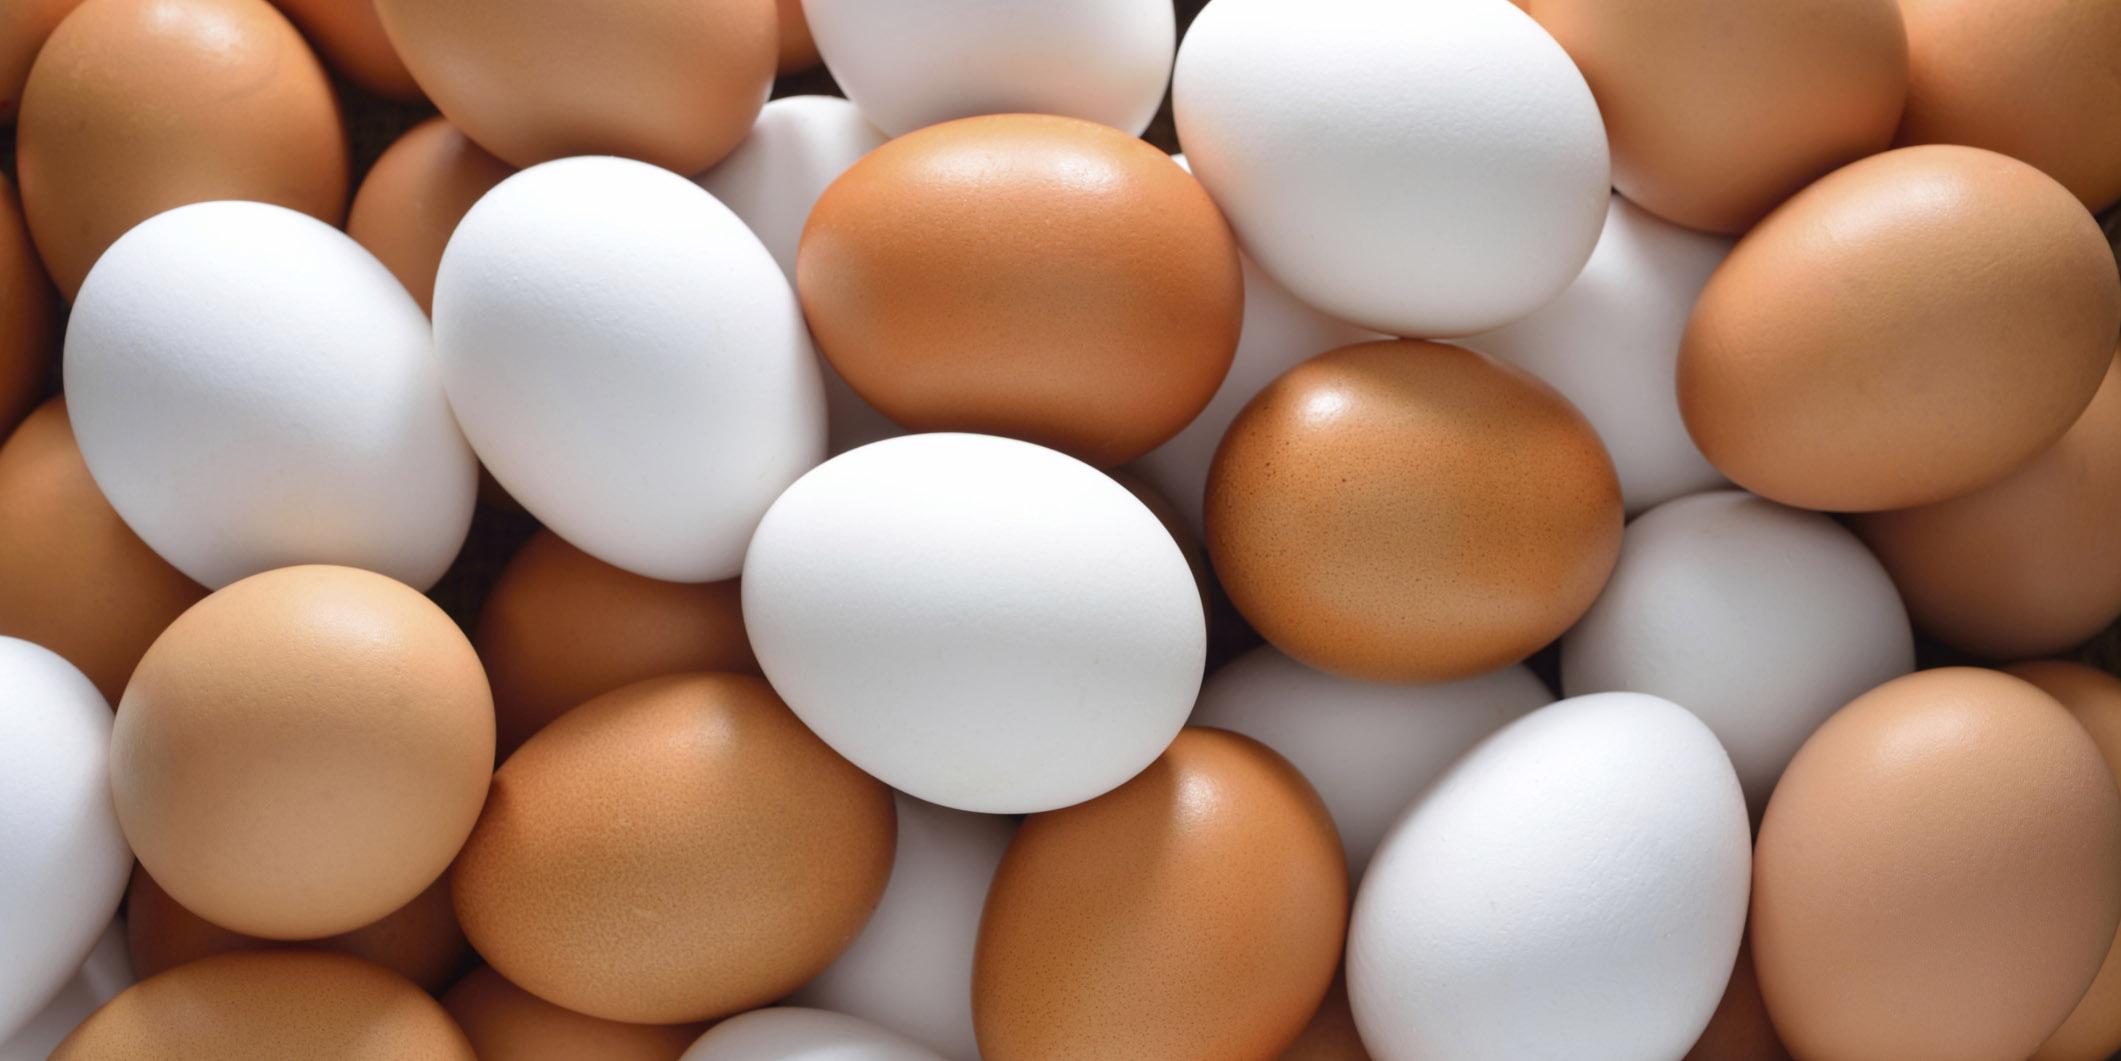 کاهش معدل صادرات تخم مرغ